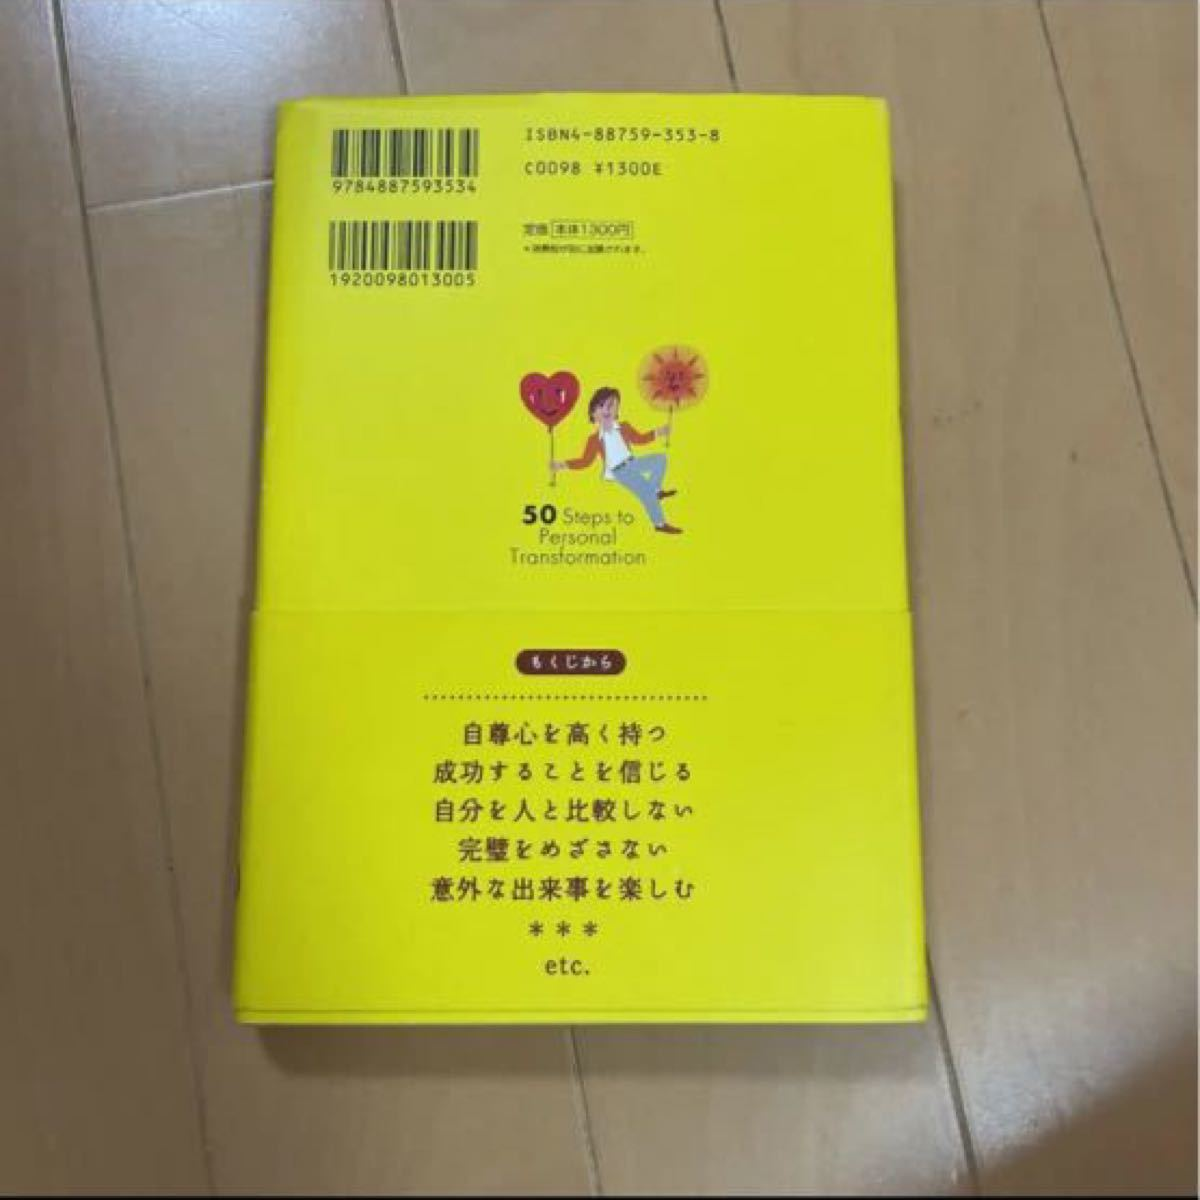 「心の持ち方」ジェリー・ミンチントン / 弓場隆定価: ¥ 1,430#ジェリー・ミンチントン  #ビジネス #経済